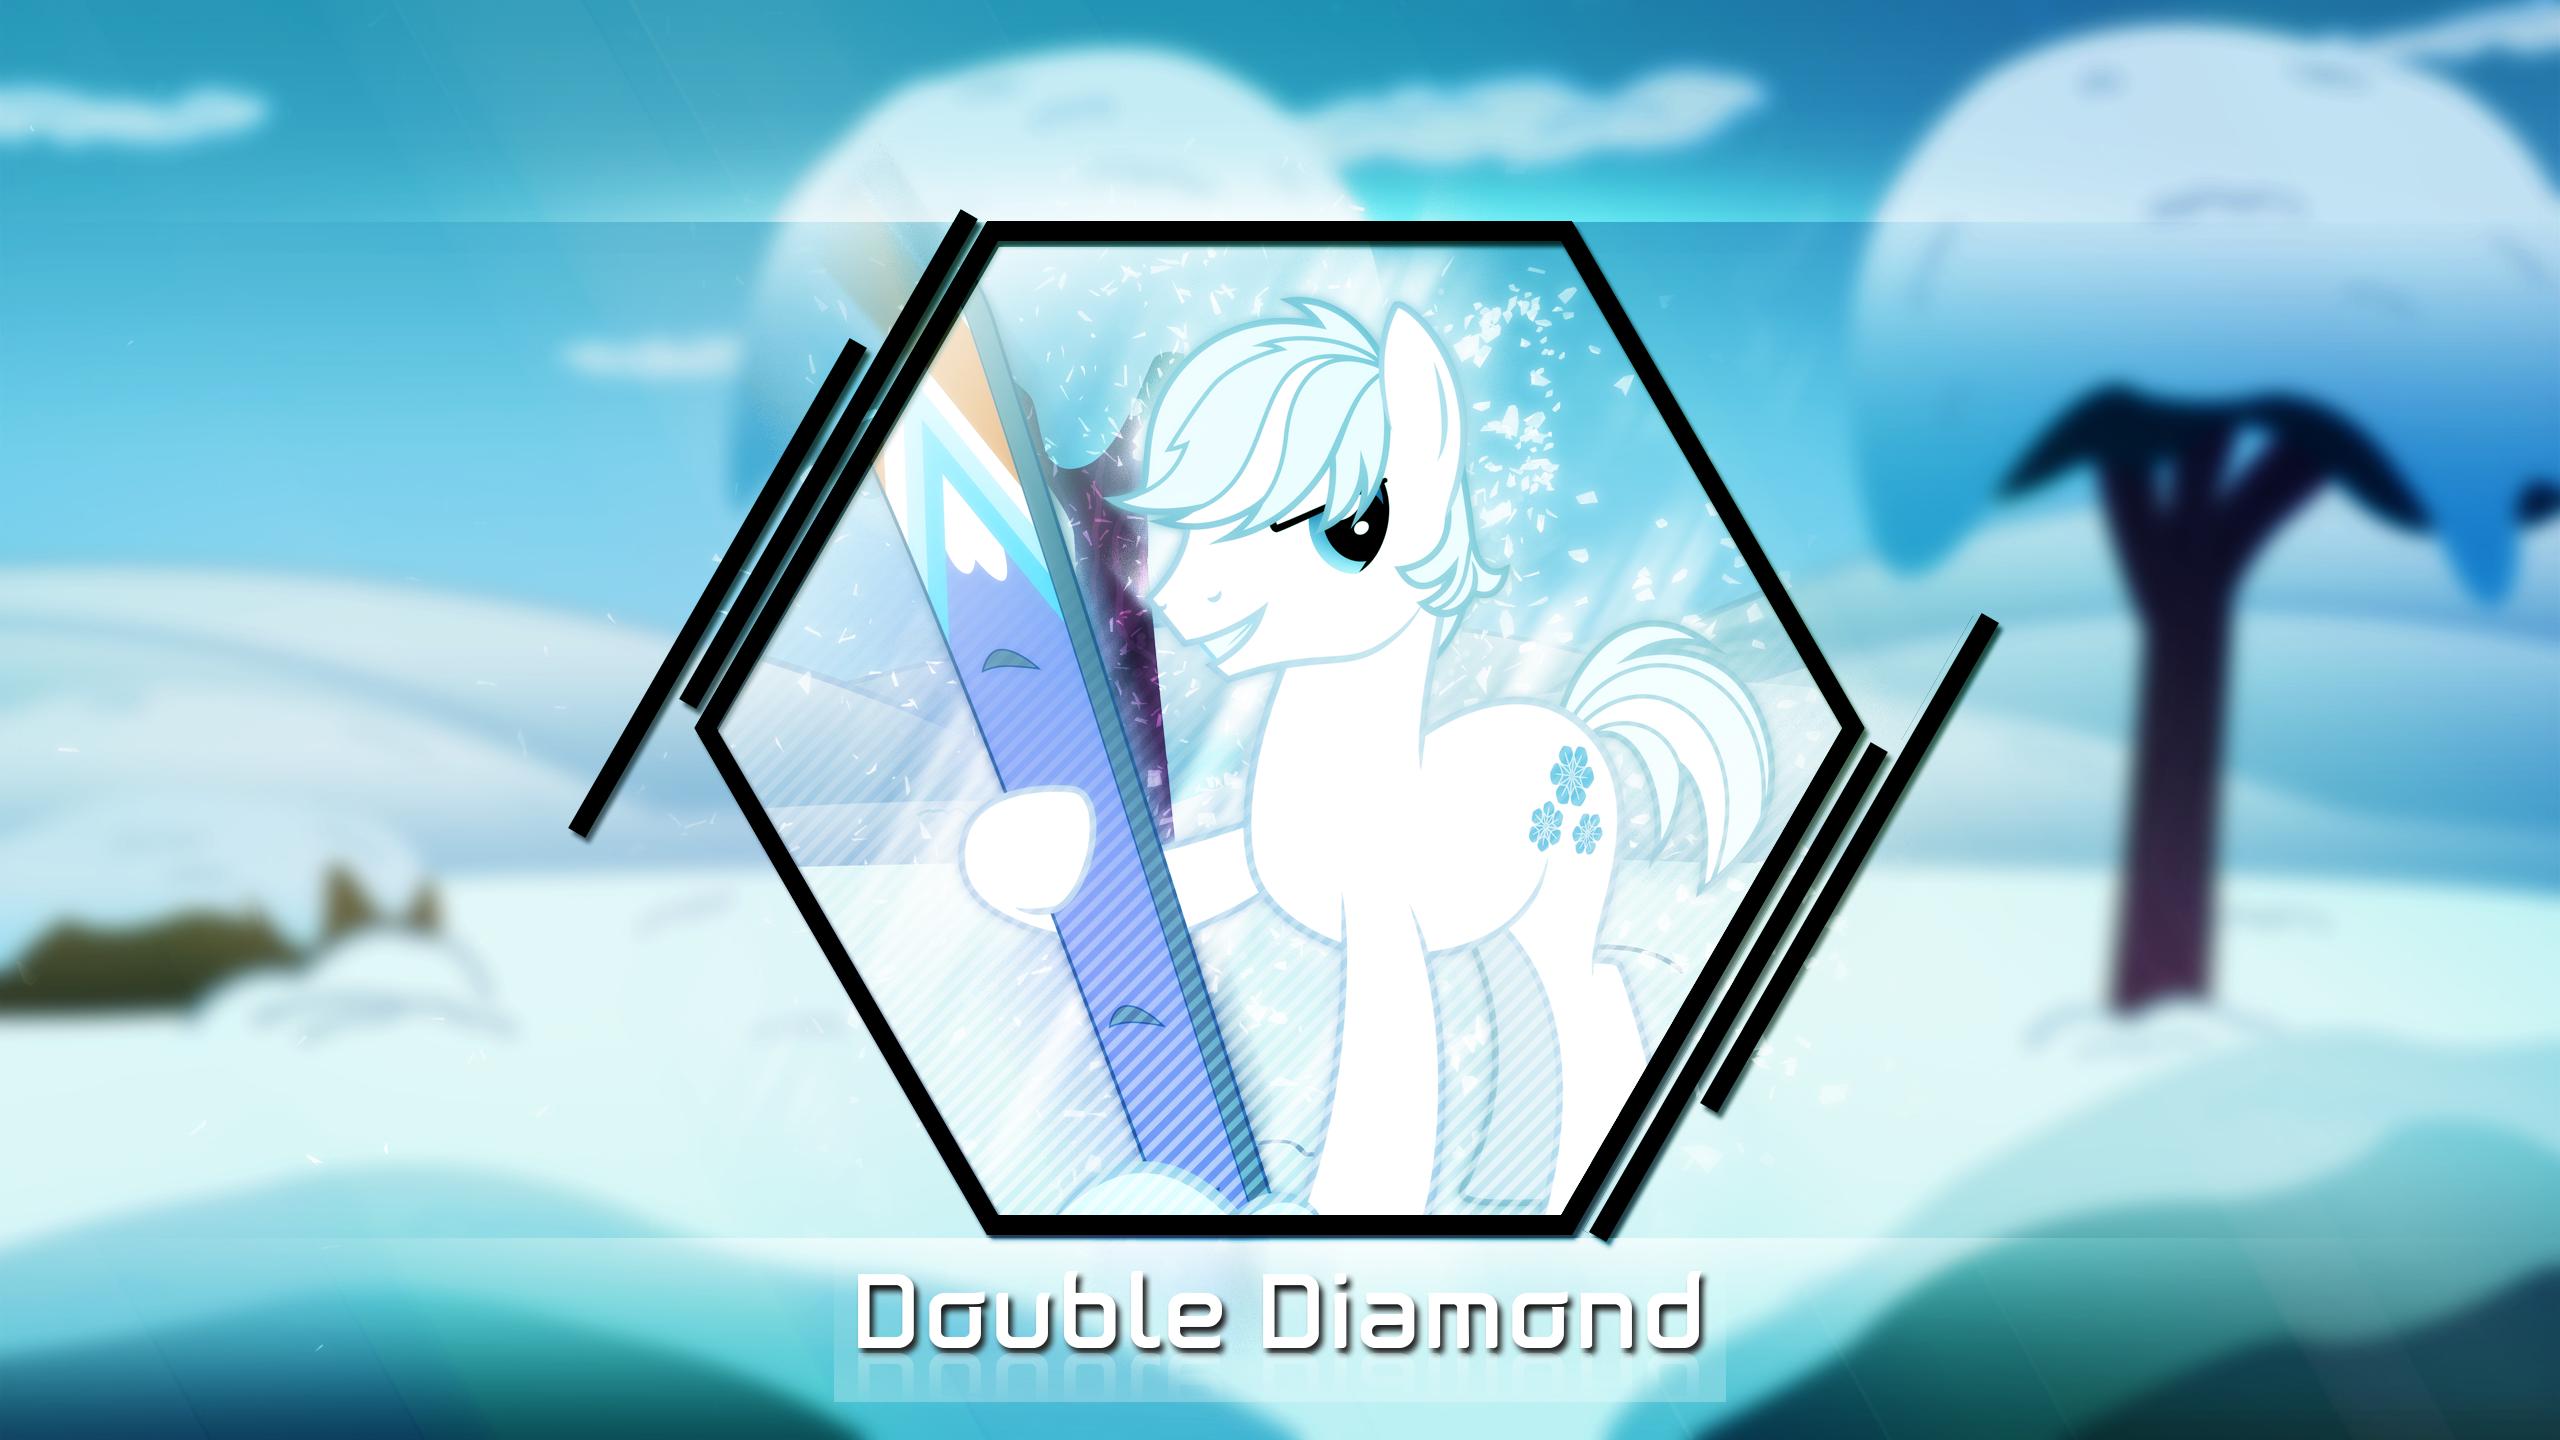 SHAAkurAs Double Diamond Wallpaper 2560 X 1440 HD By